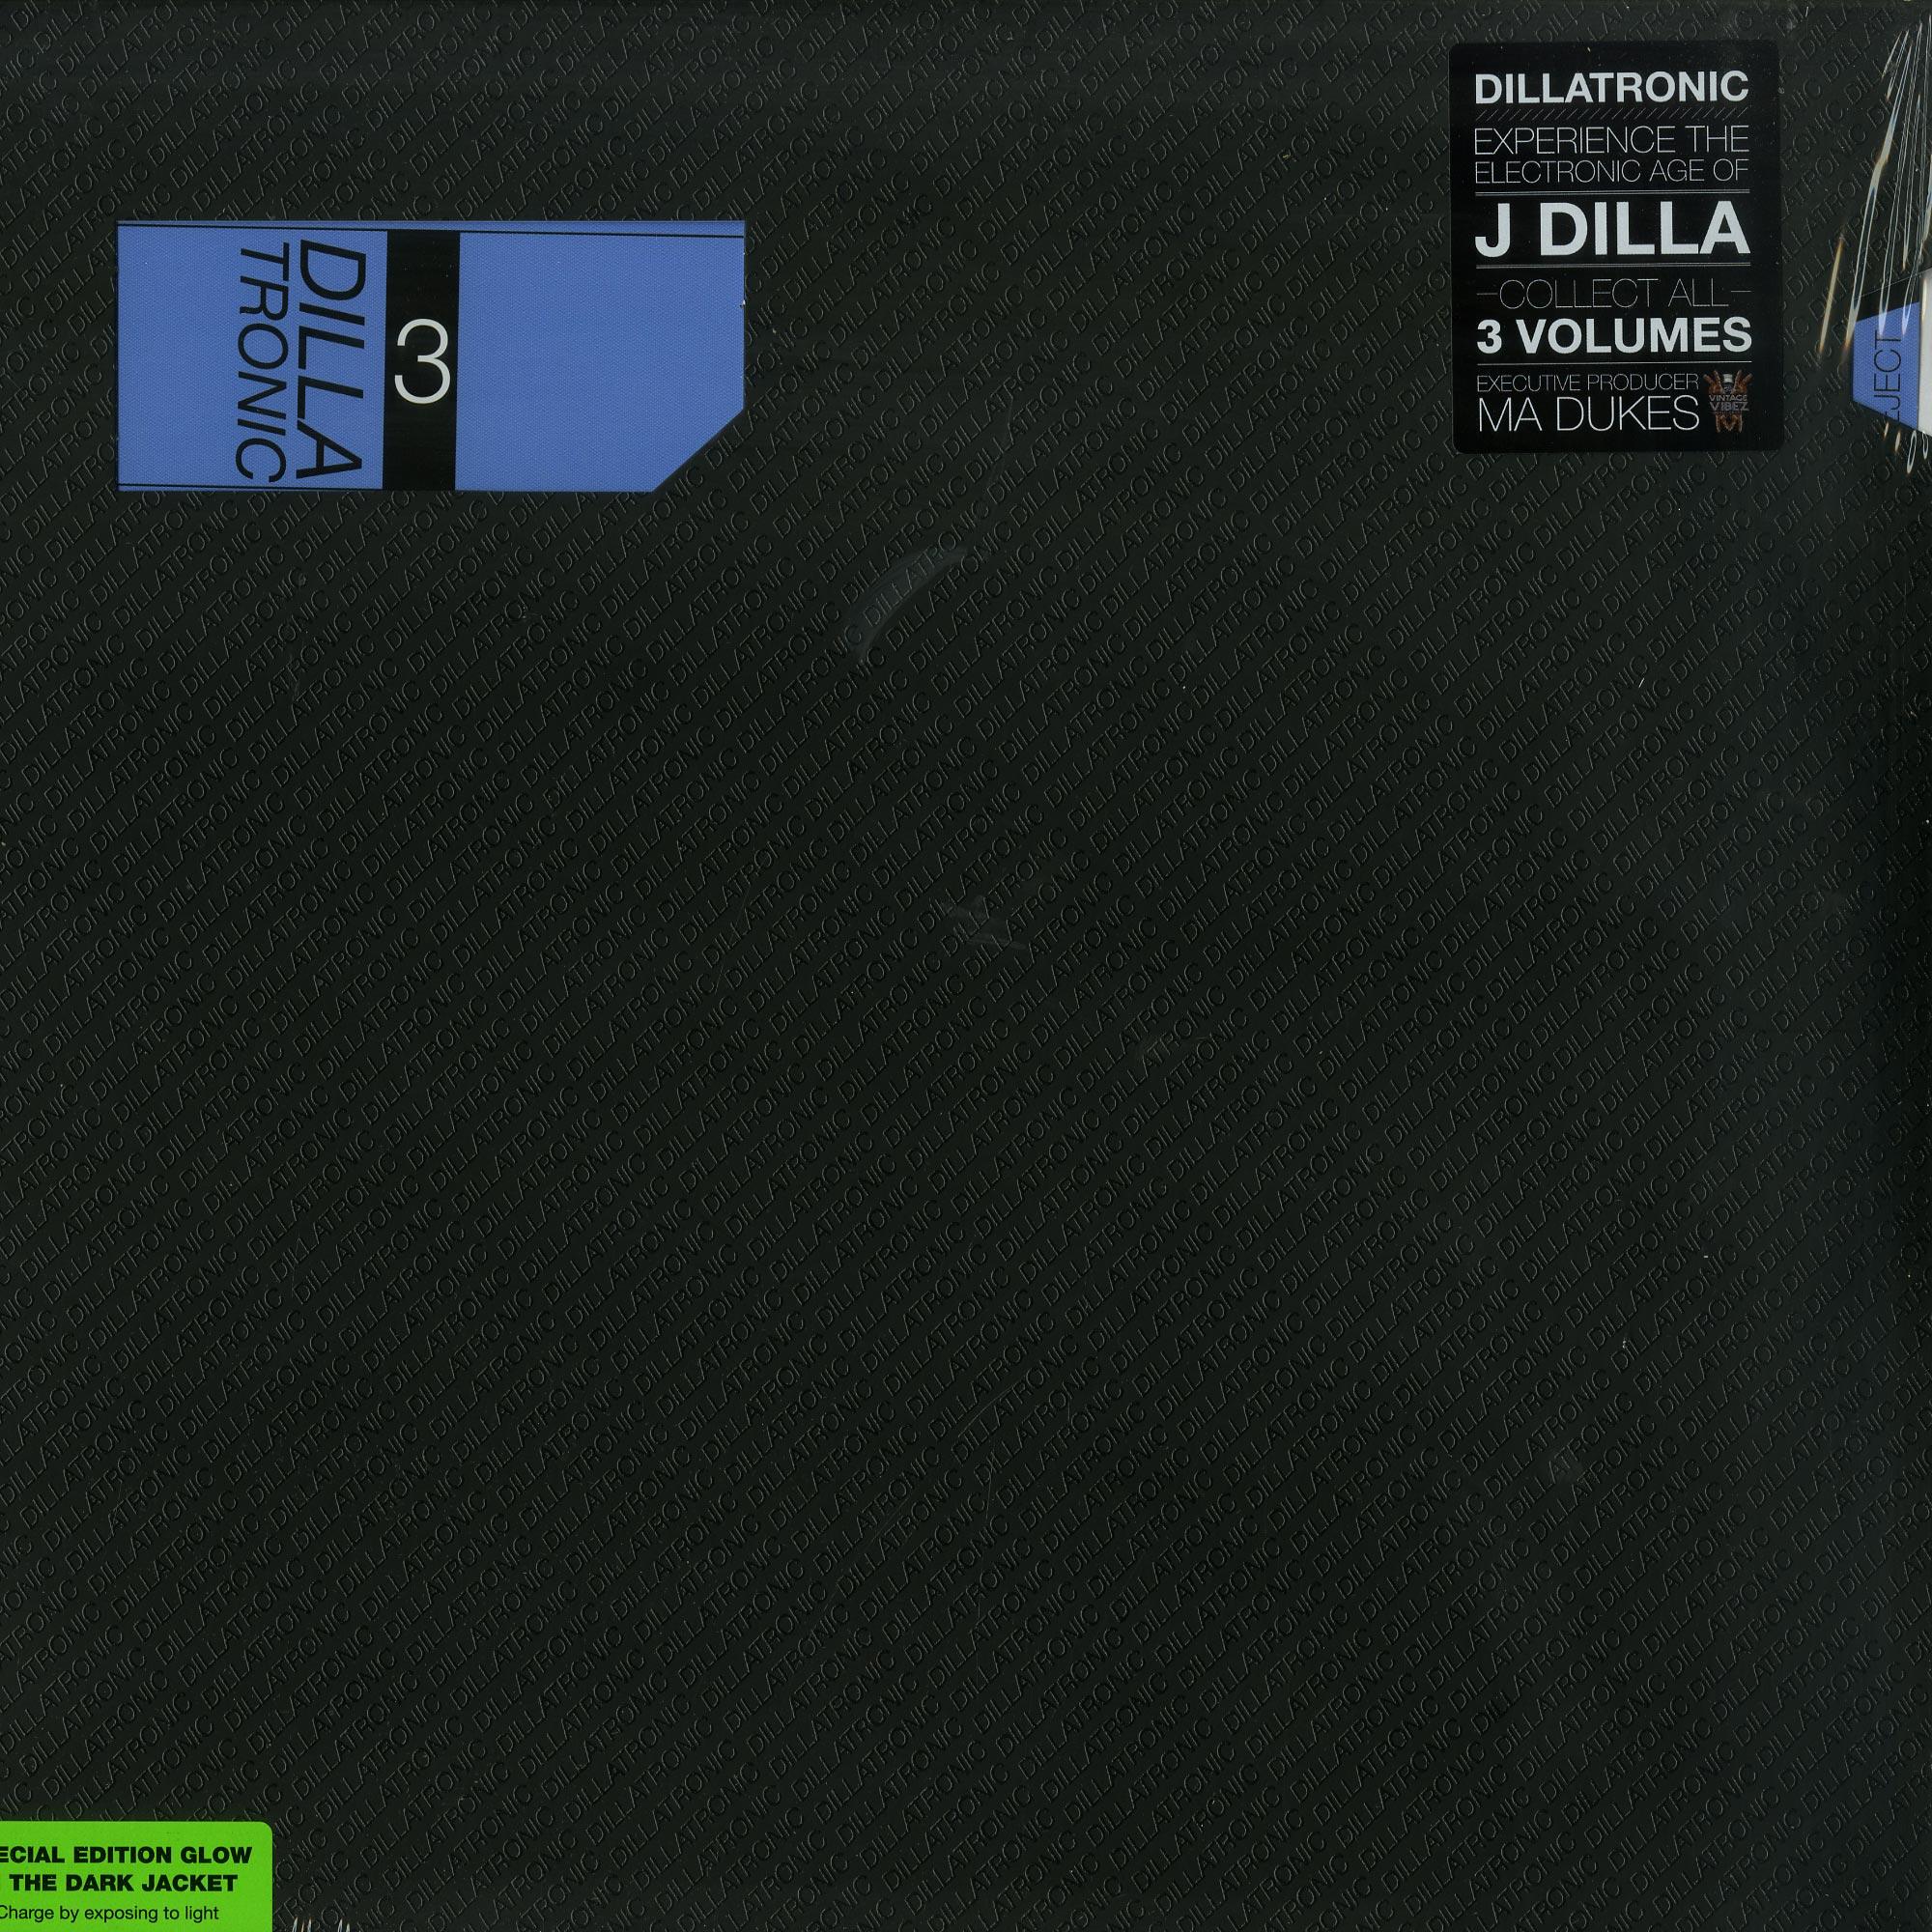 J Dilla - DILLATRONIC VOL.3